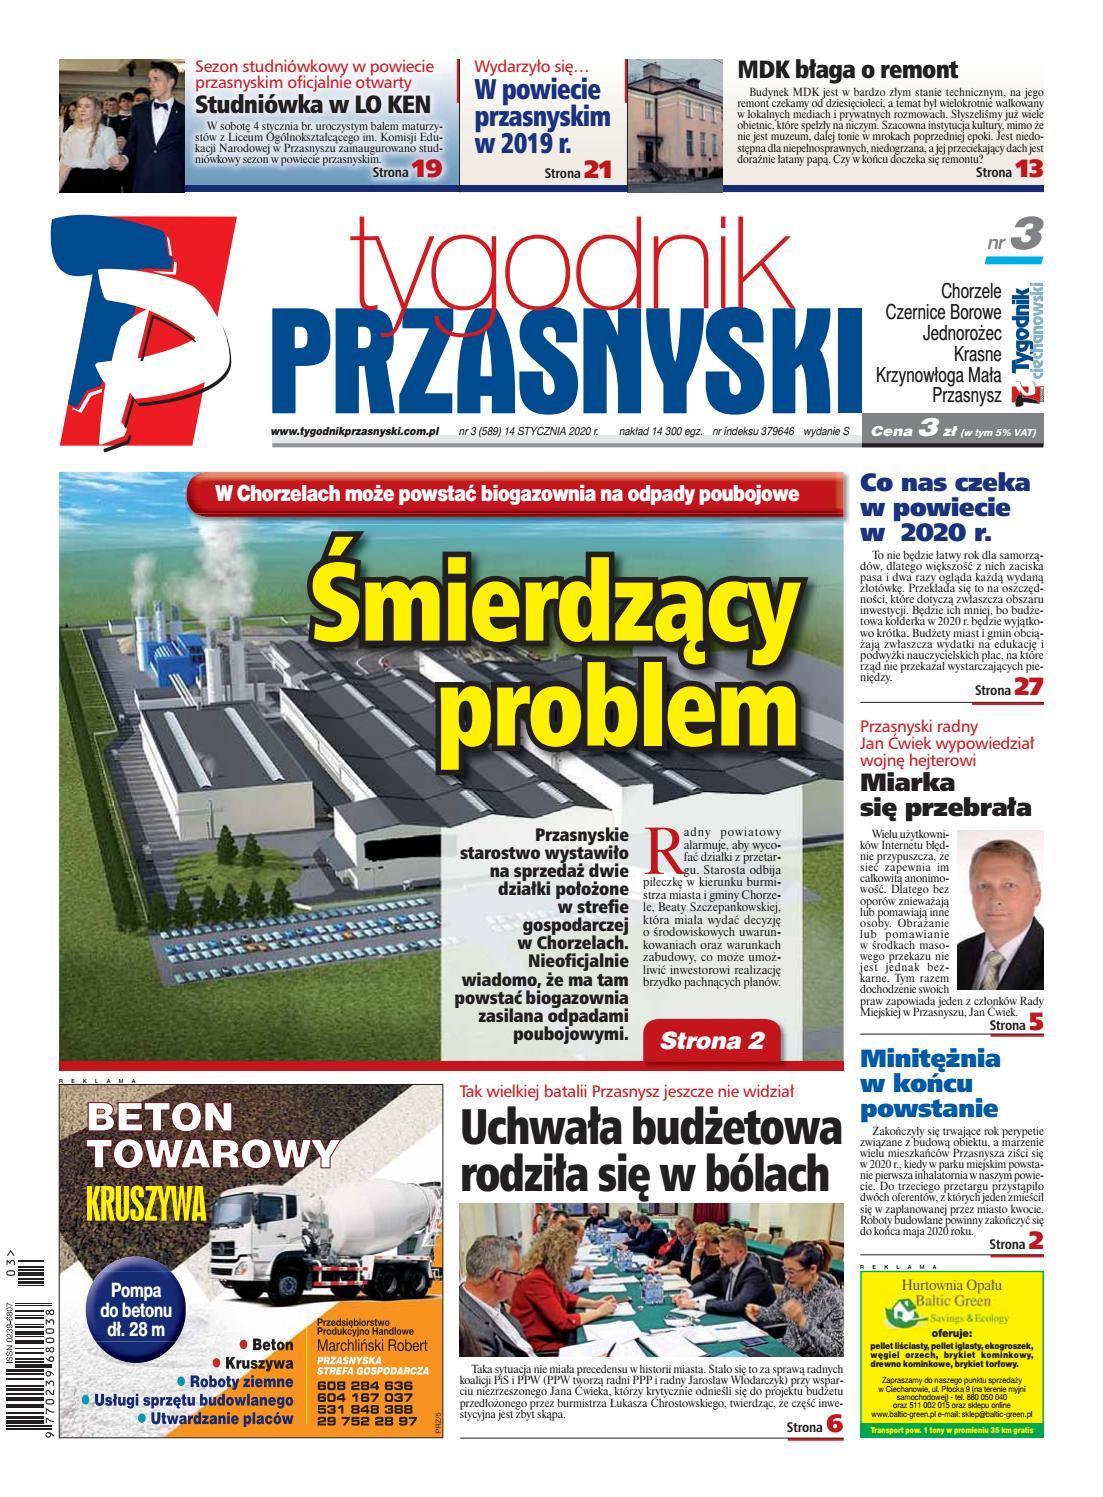 Panorama Trzebnicka eurolit.org - Gminne Centrum